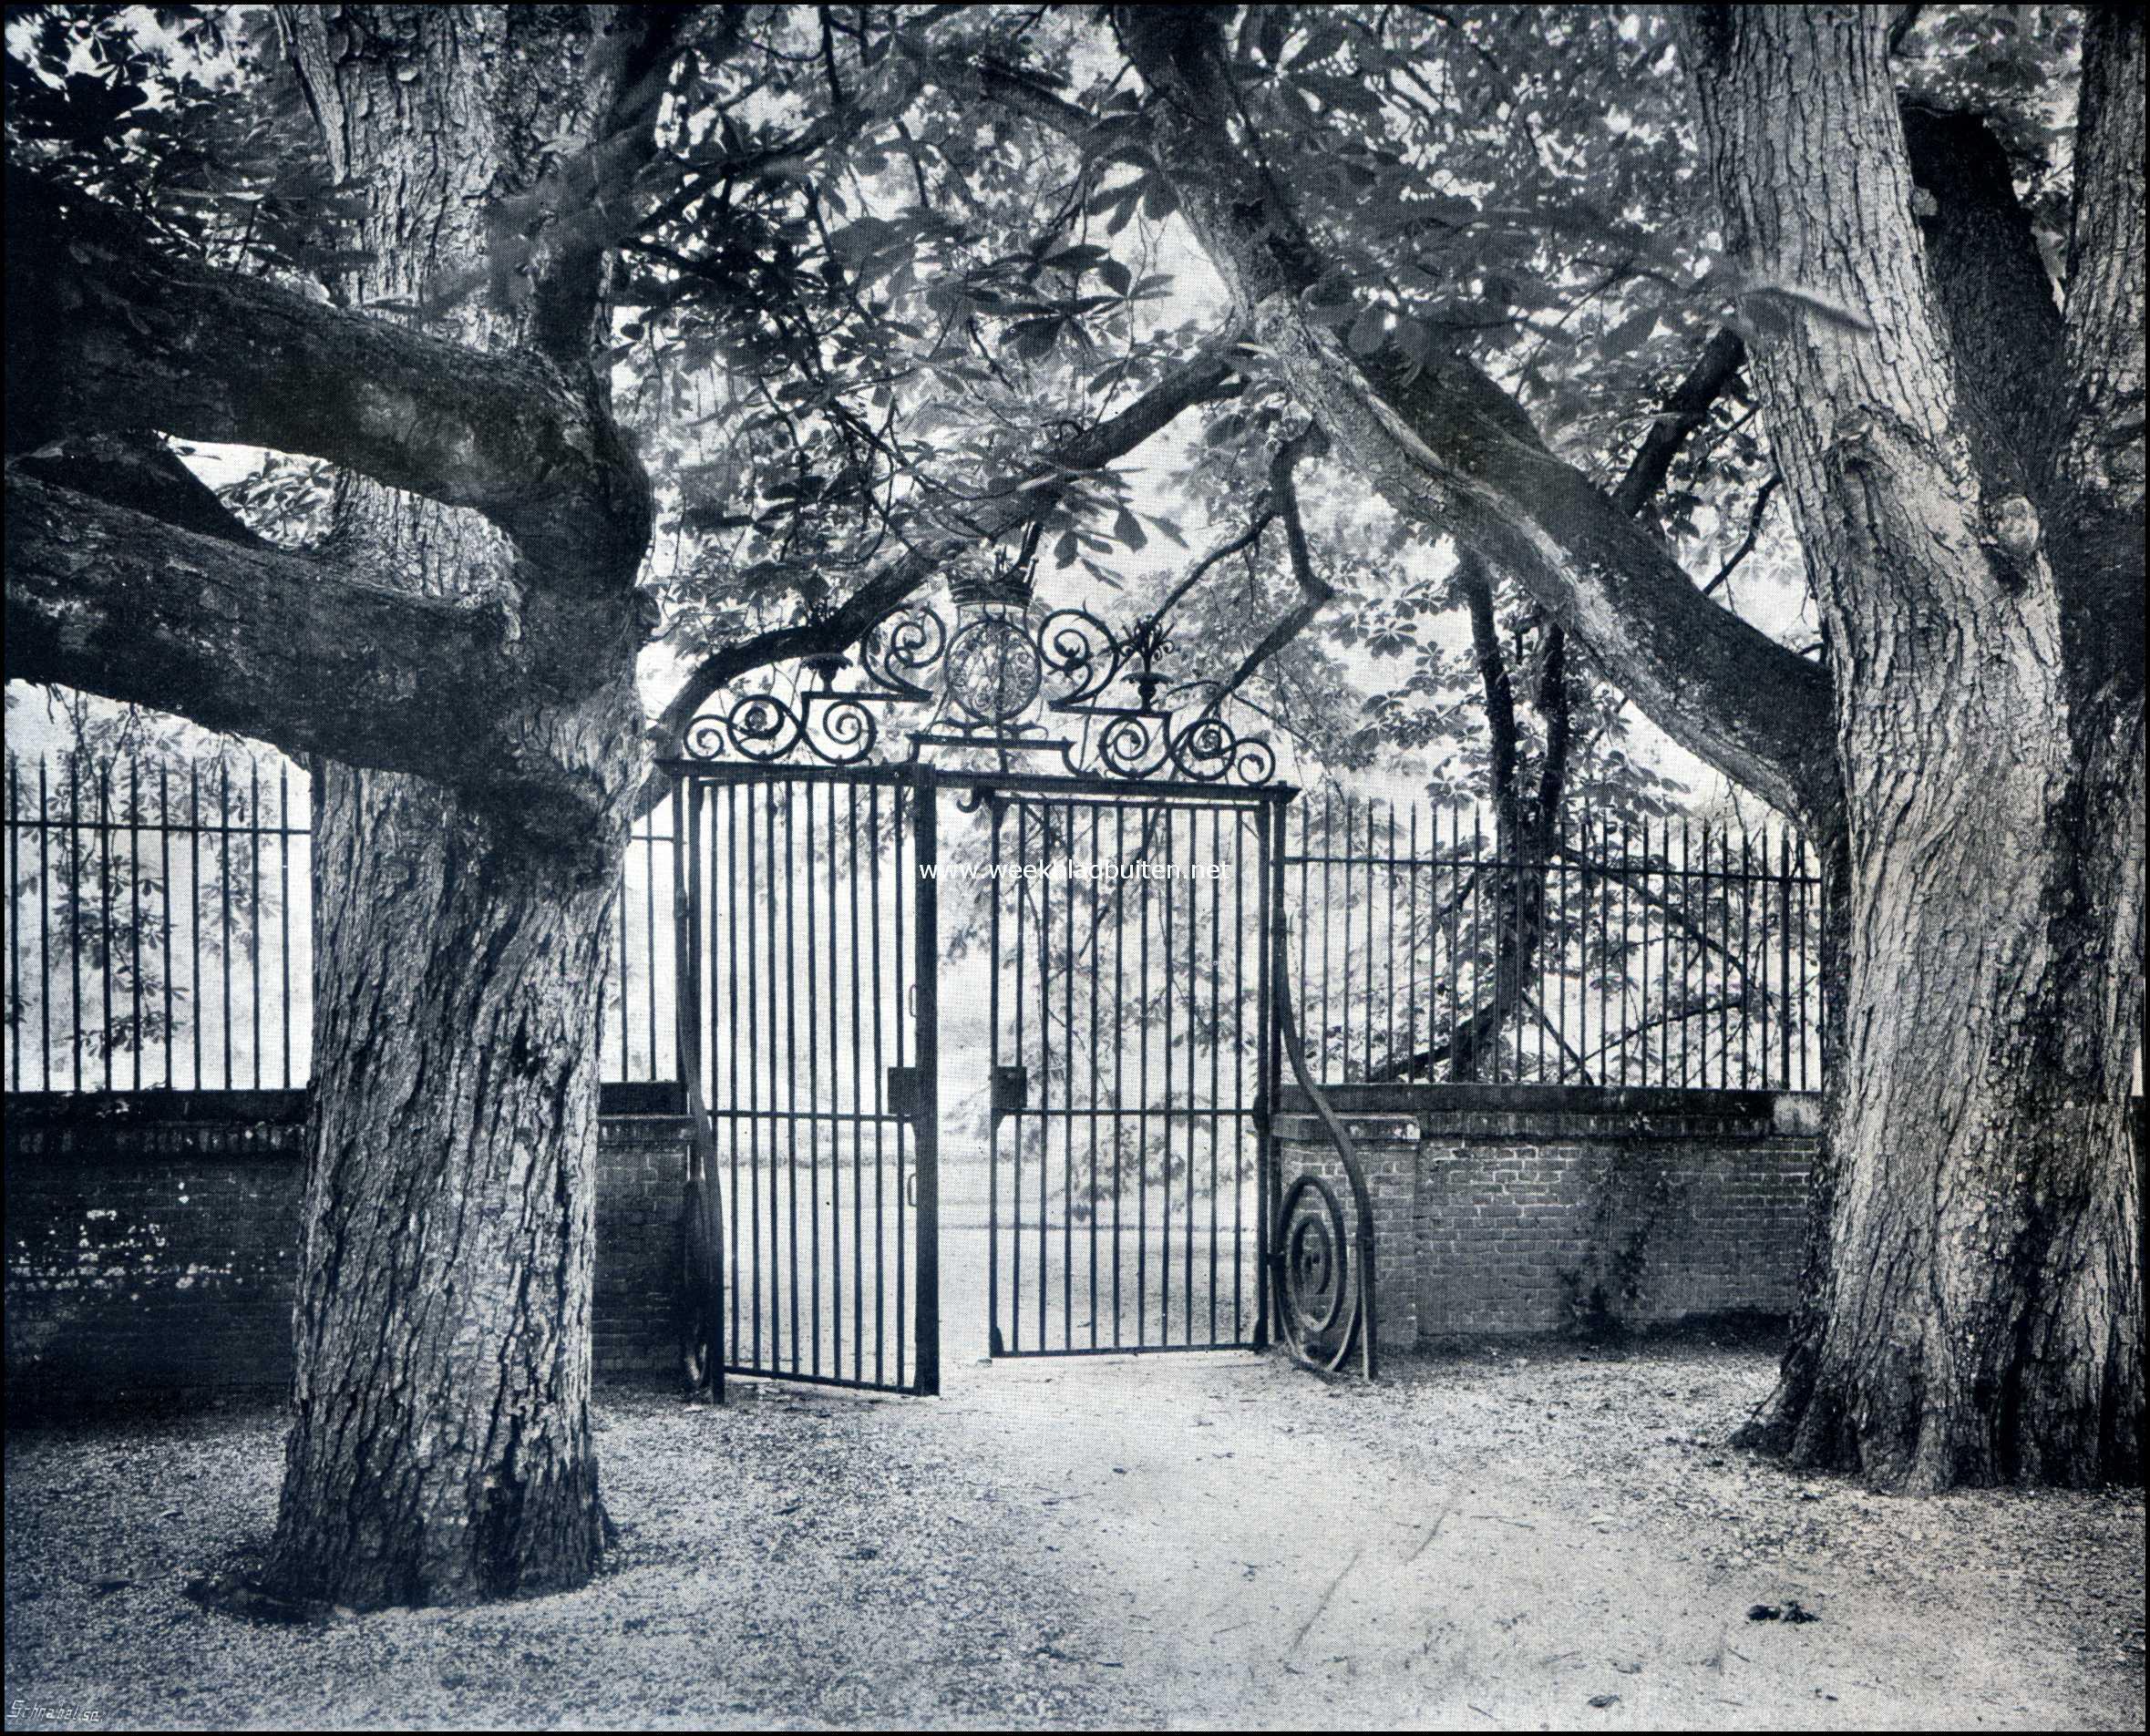 Het Kasteel Zuylestein. Twee kastanjeboomen bij een oud tuinhek op Zuylestein